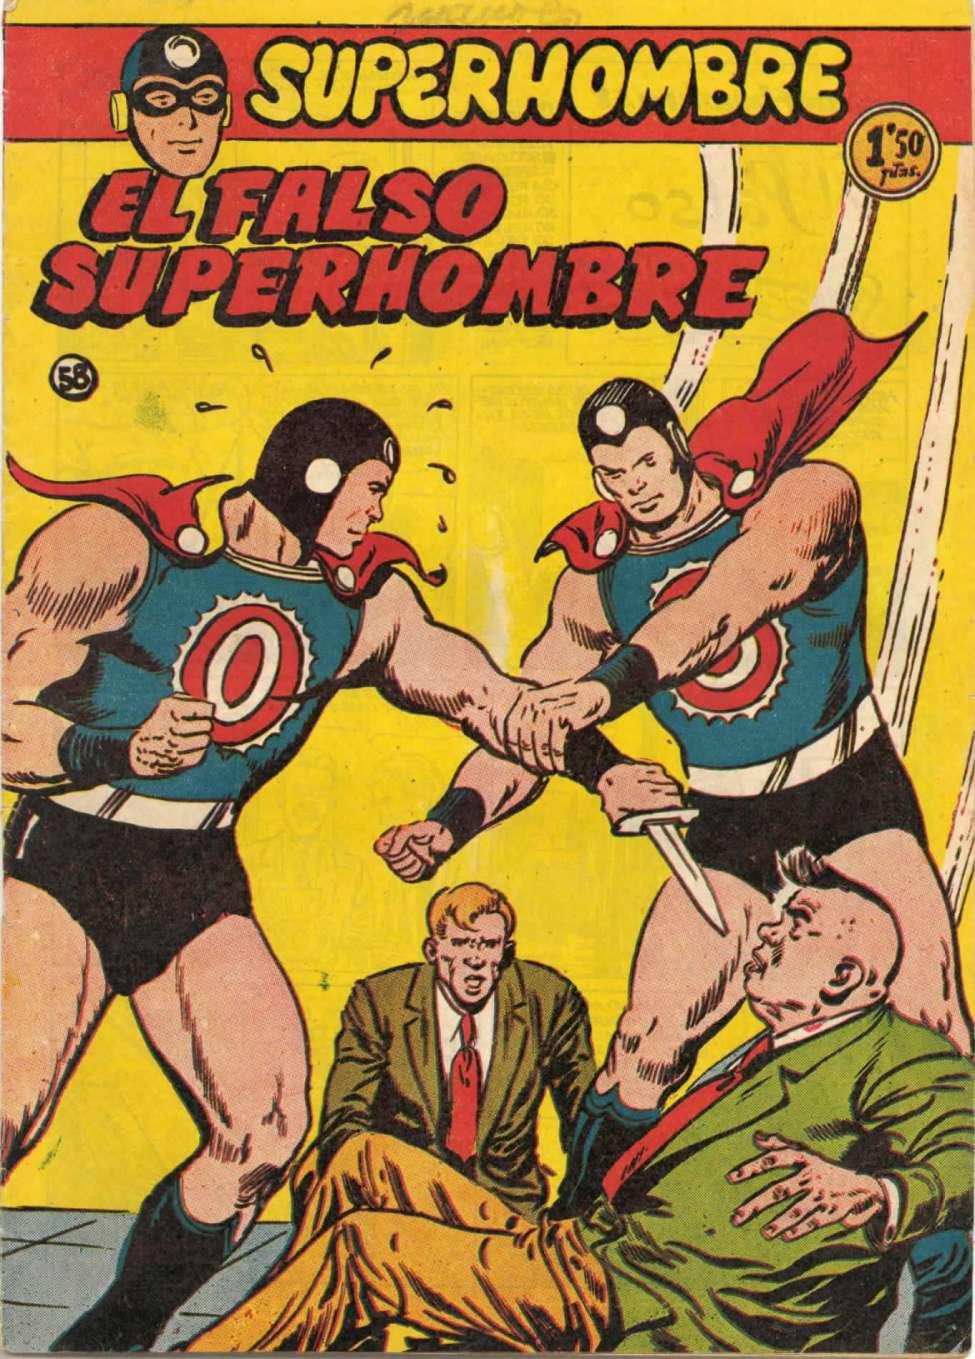 Comic Book Cover For SuperHombre 58 El falso SuperHombre